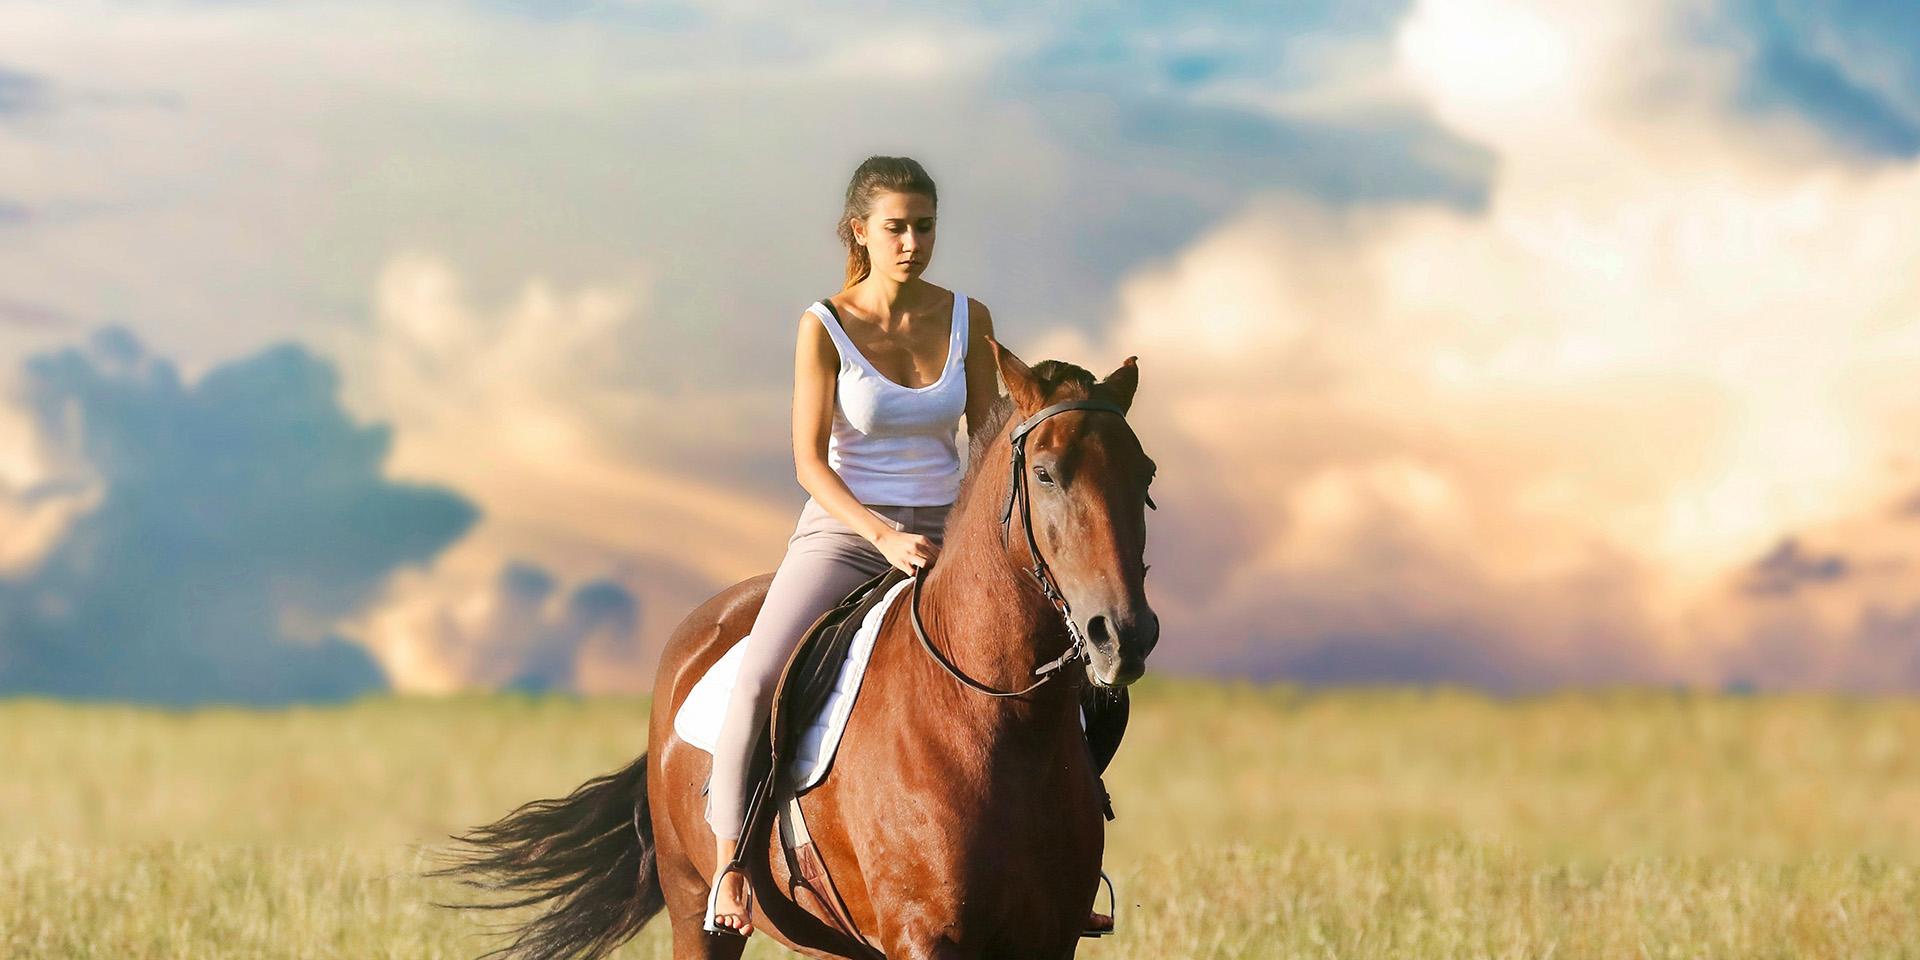 Выходные в деревне: цифровой детокс и прогулки на лошадях